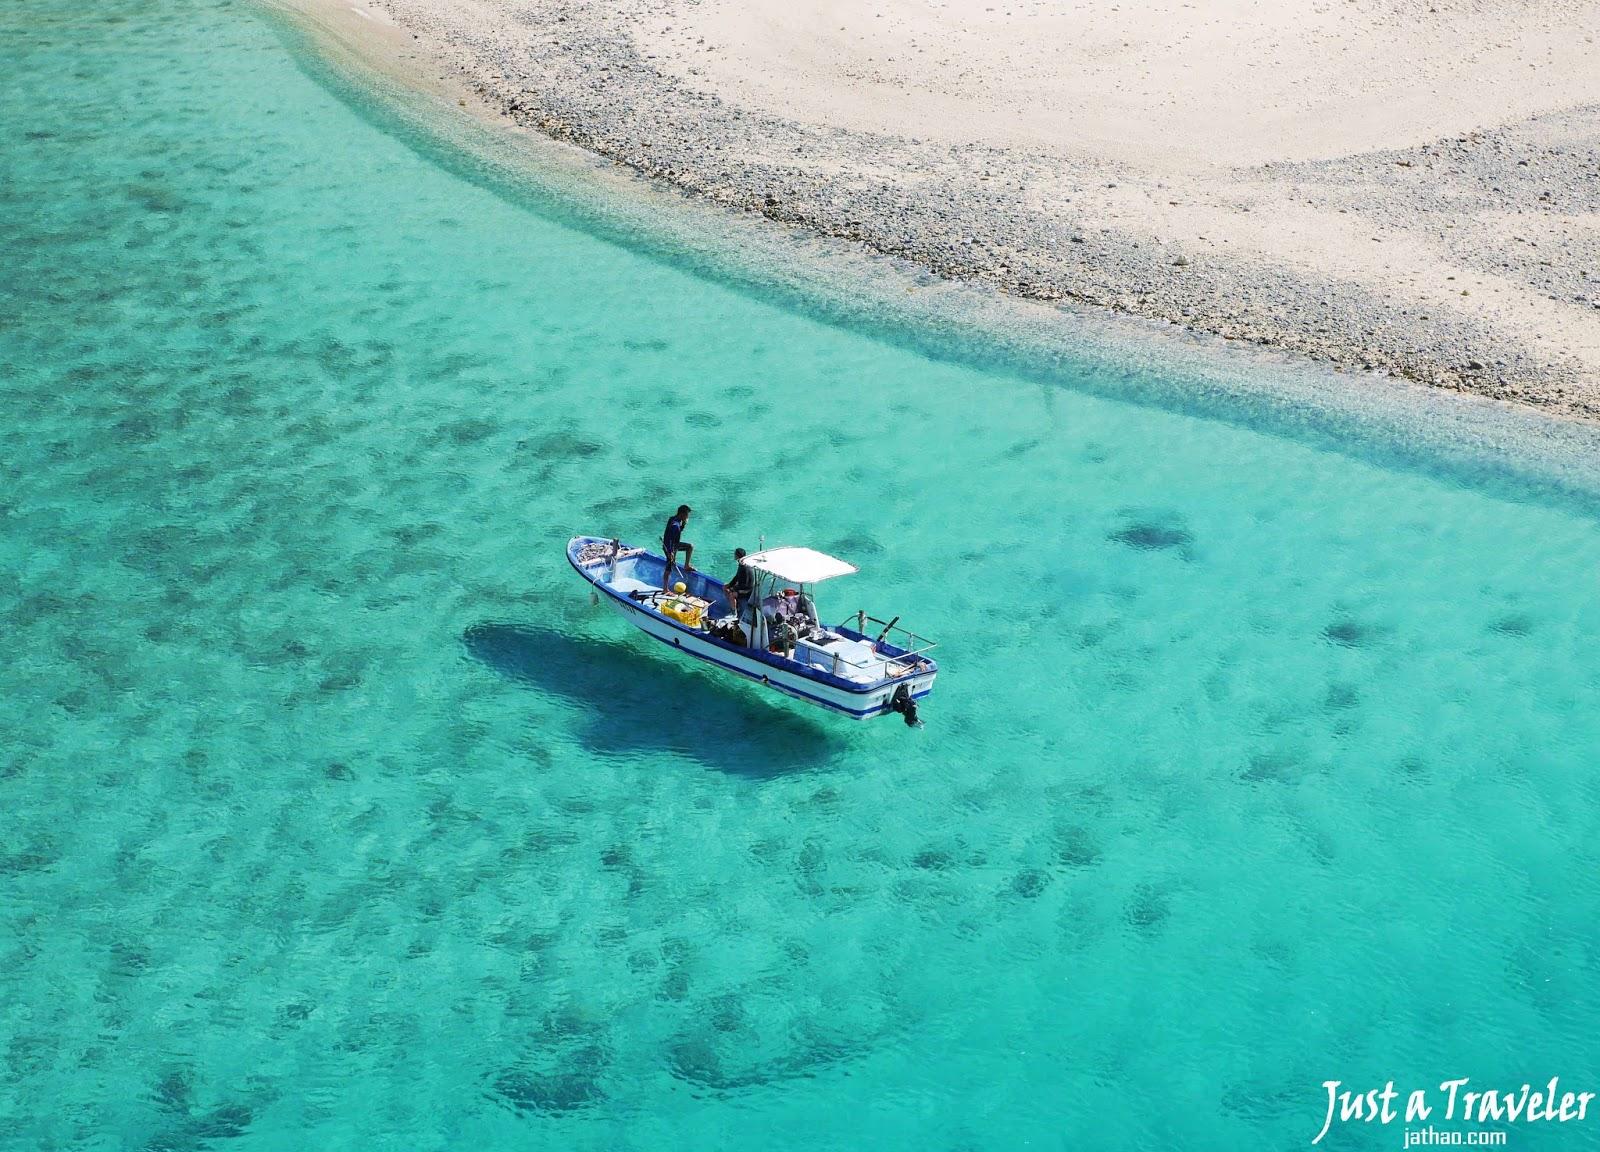 沖繩-沖繩景點-推薦-慶良間群島-沖繩自由行景點-沖繩離島景點-沖繩那霸景點-沖繩旅遊-沖繩觀光景點-Okinawa-attraction-Kerama-Island-Toruist-destination